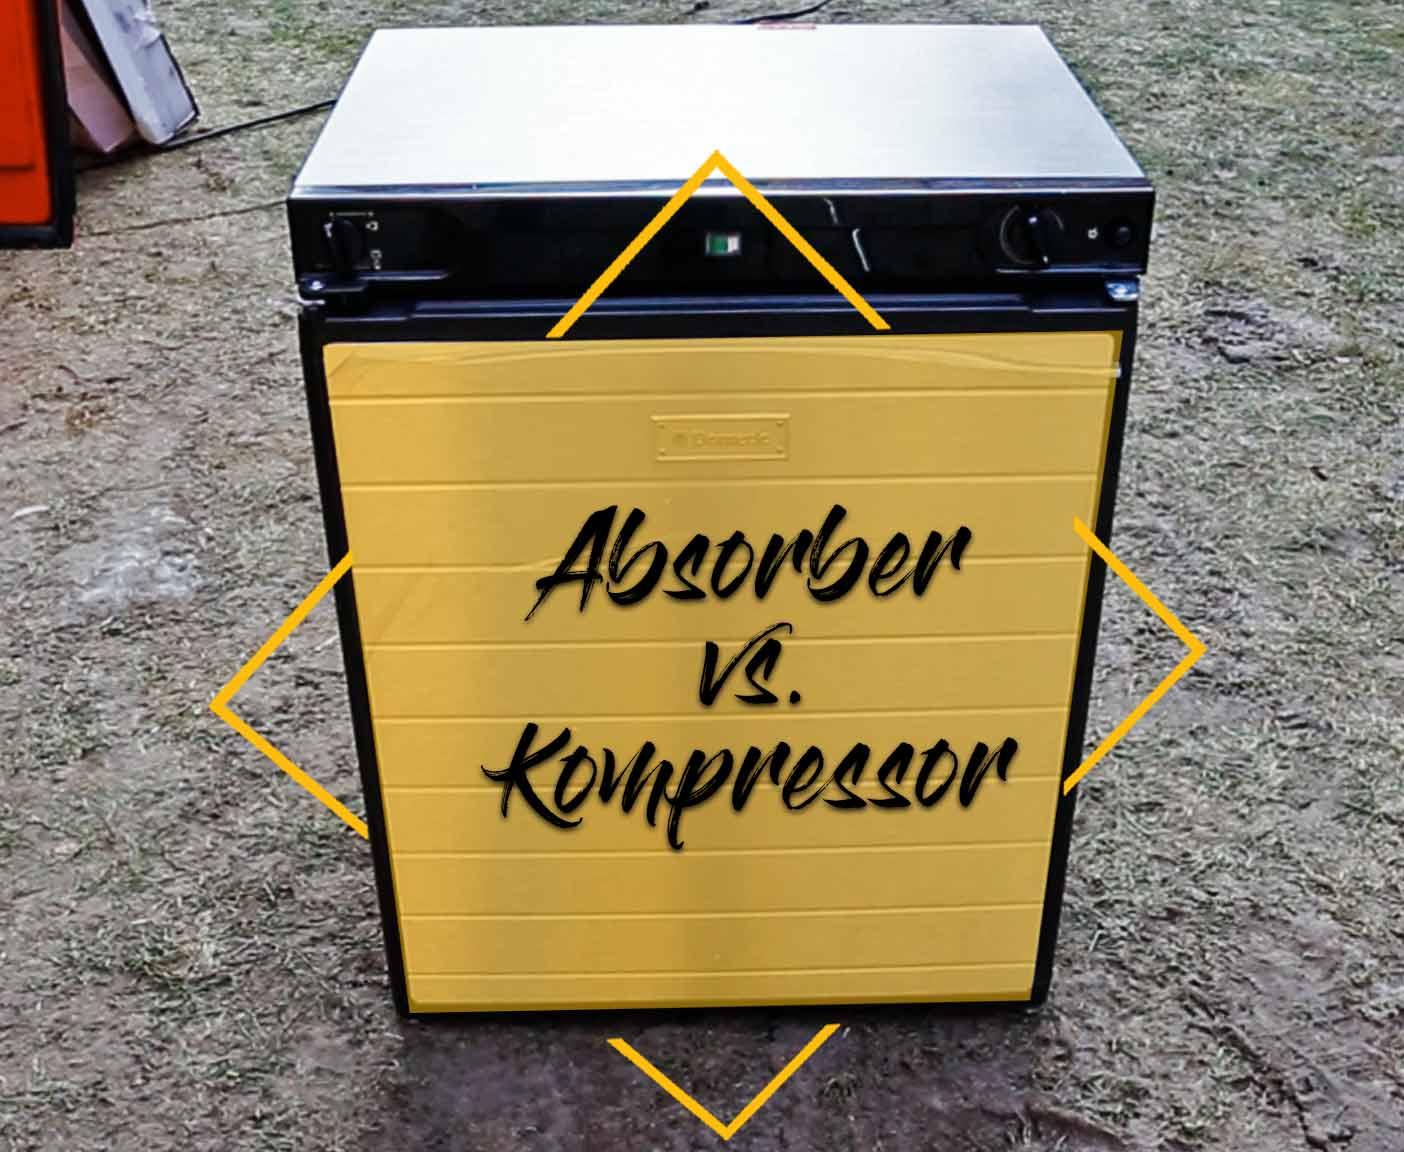 Bomann Kühlschrank Test : Kompressor oder absorber? 12v camping kühlschrank im test.